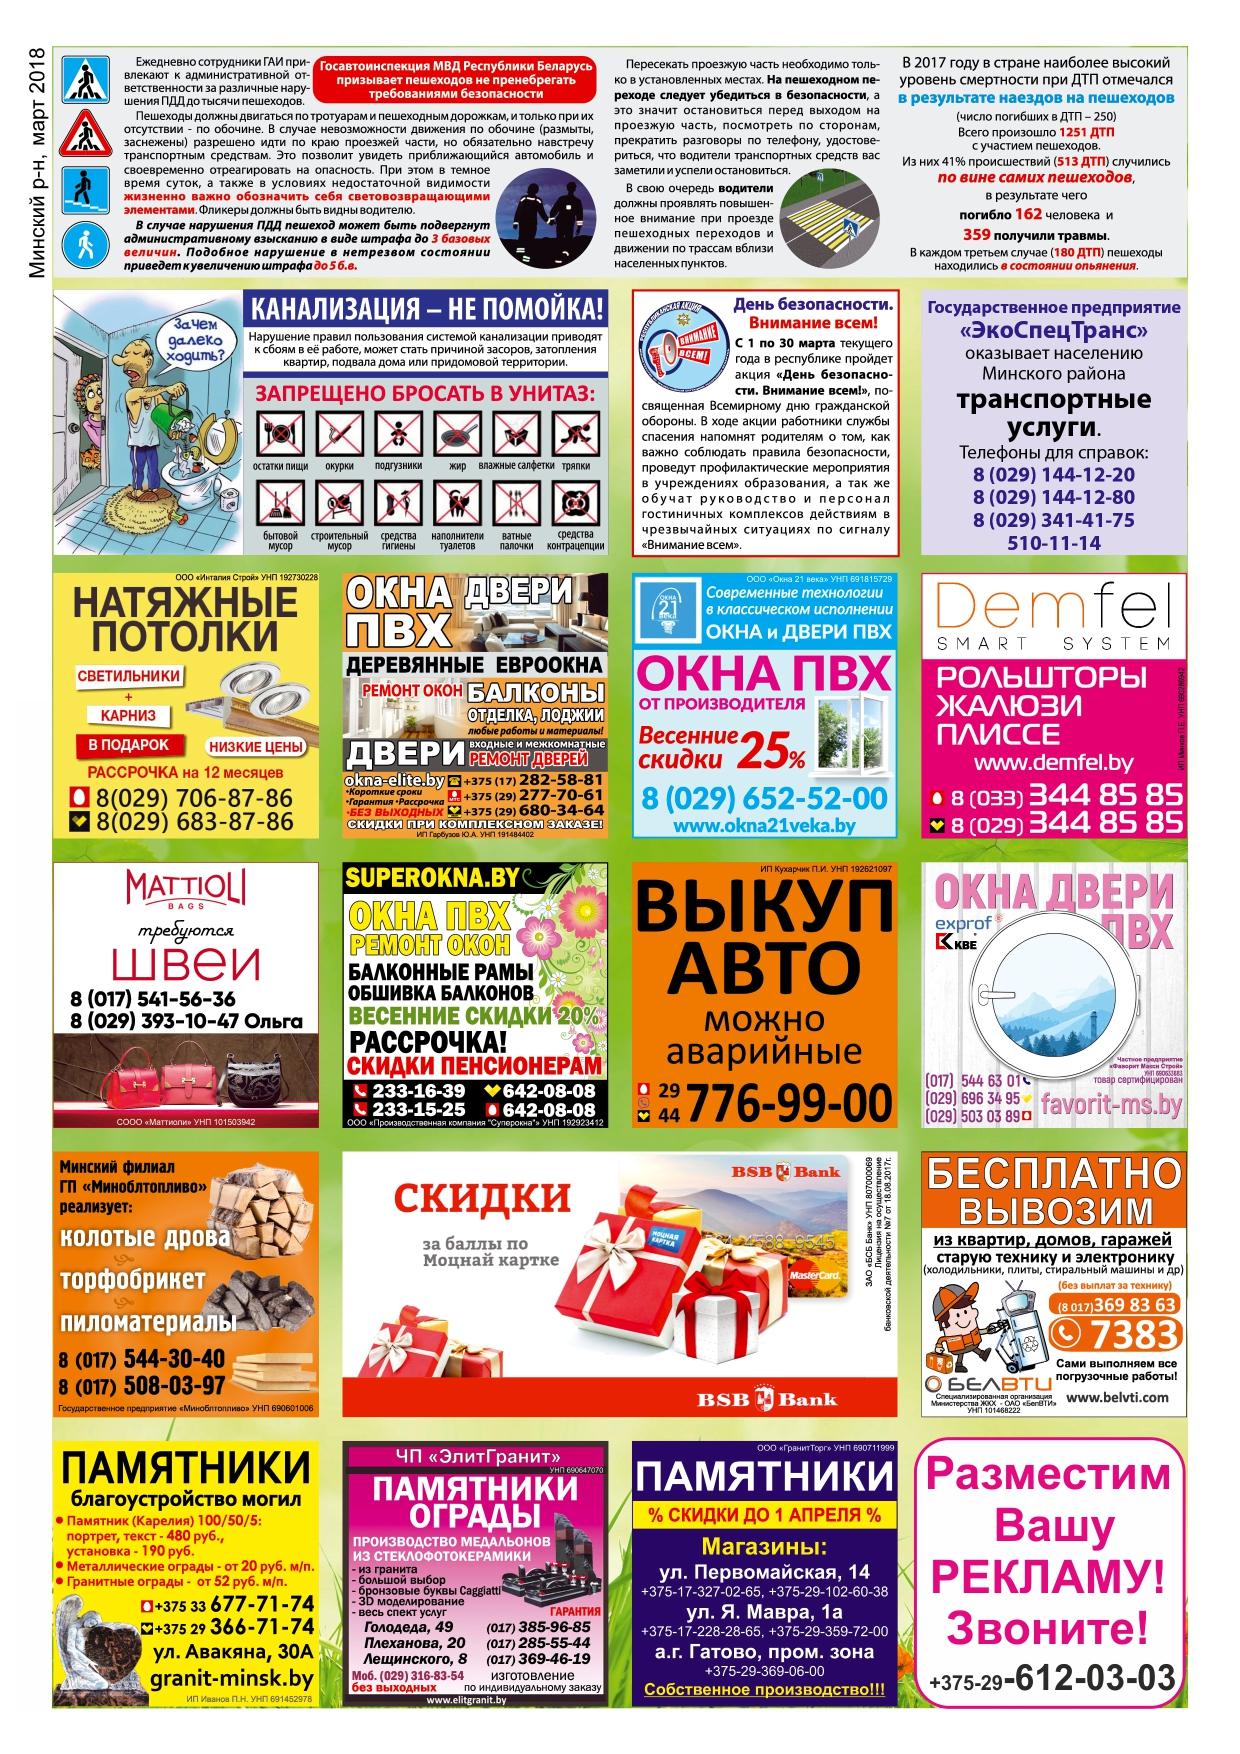 Образец оборота жировки за март Минского района 2 (рекламное поле) reklama-on.by